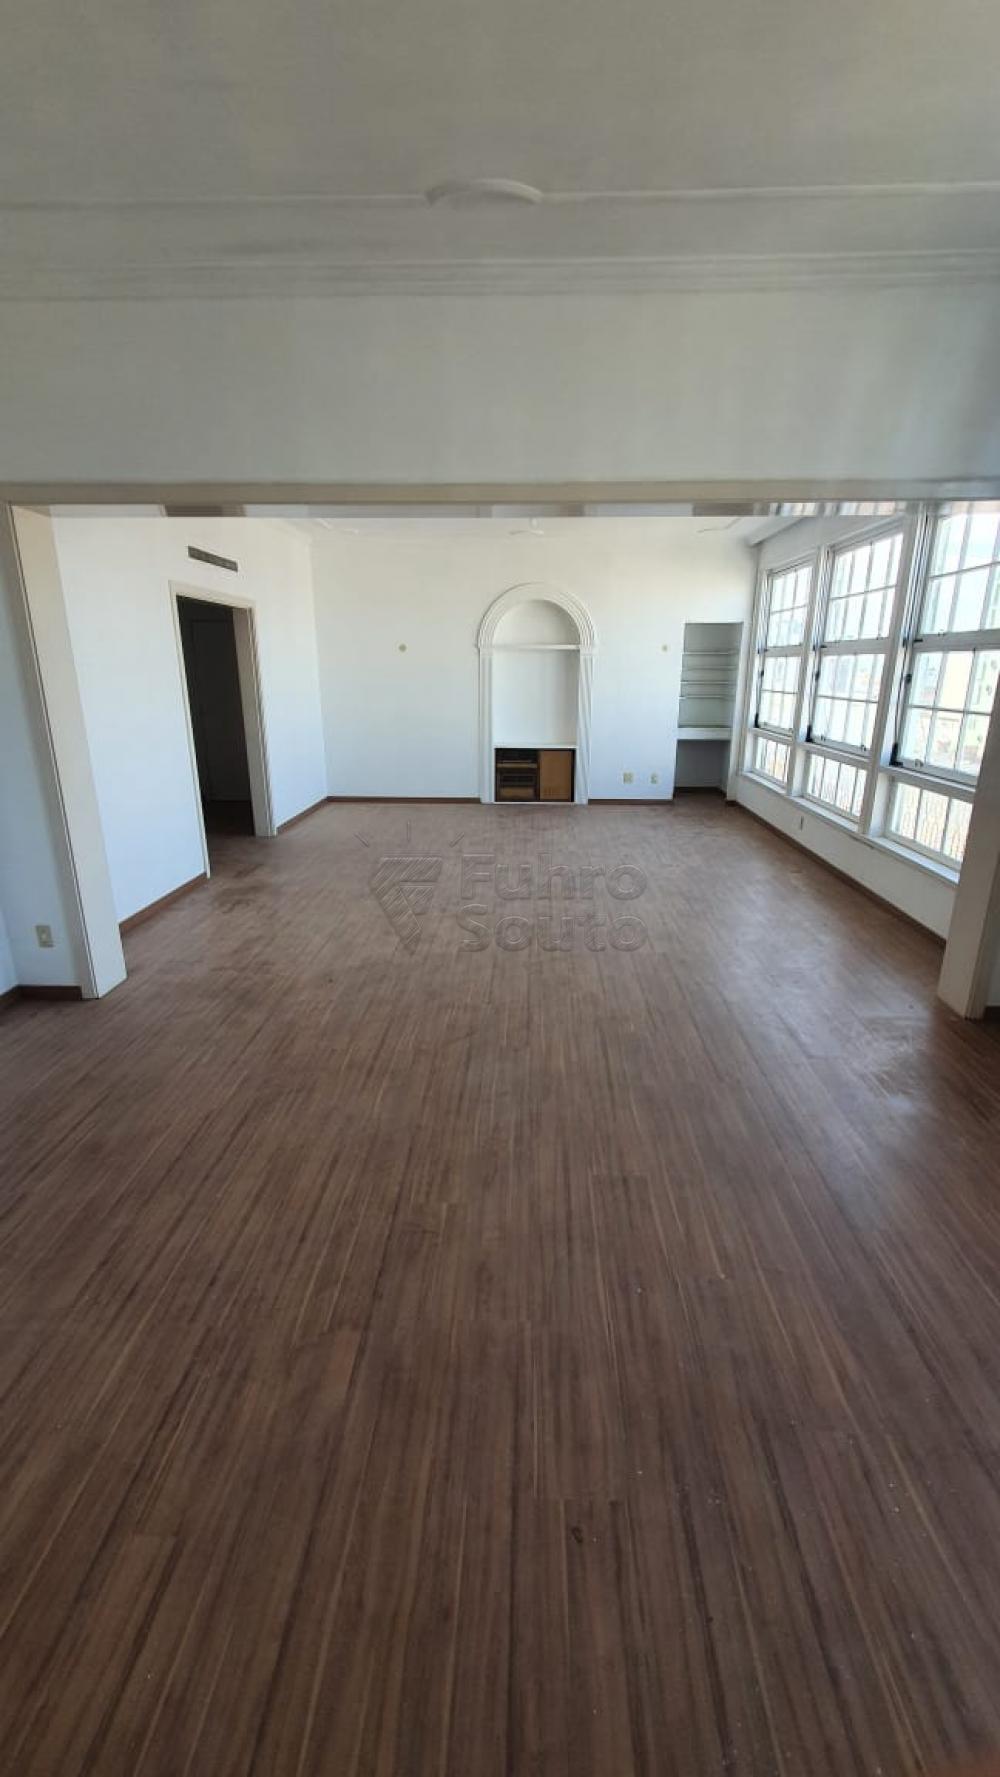 Comprar Apartamento / Padrão em Pelotas R$ 420.000,00 - Foto 7